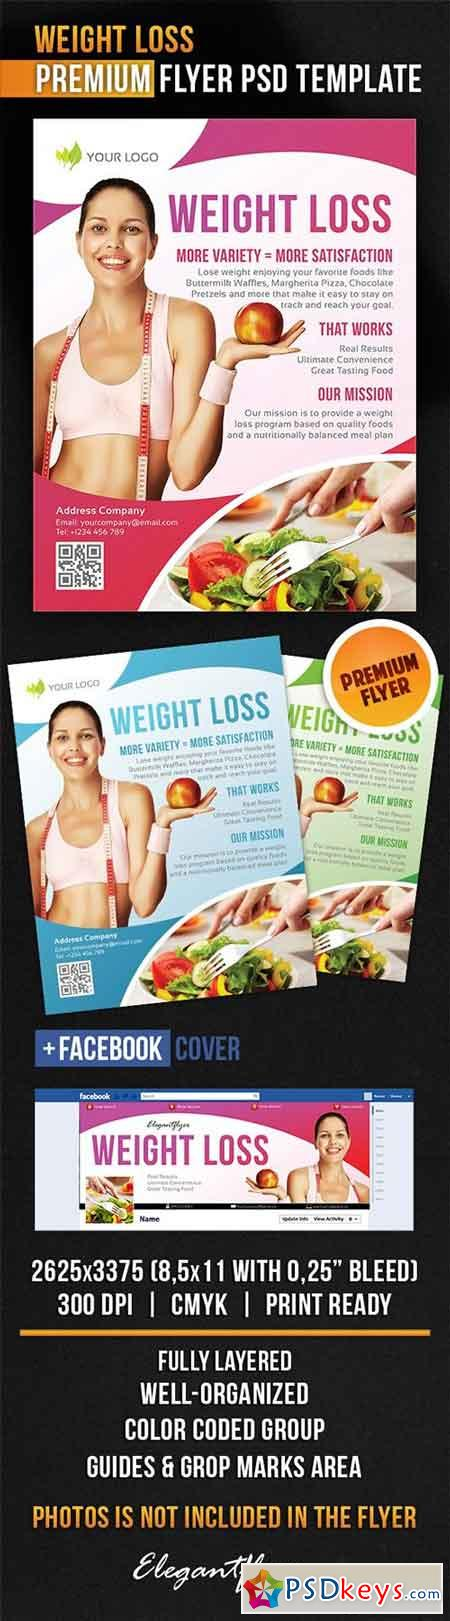 Weight Loss Flyer Psd Template Facebook Cover Ads Pinterest